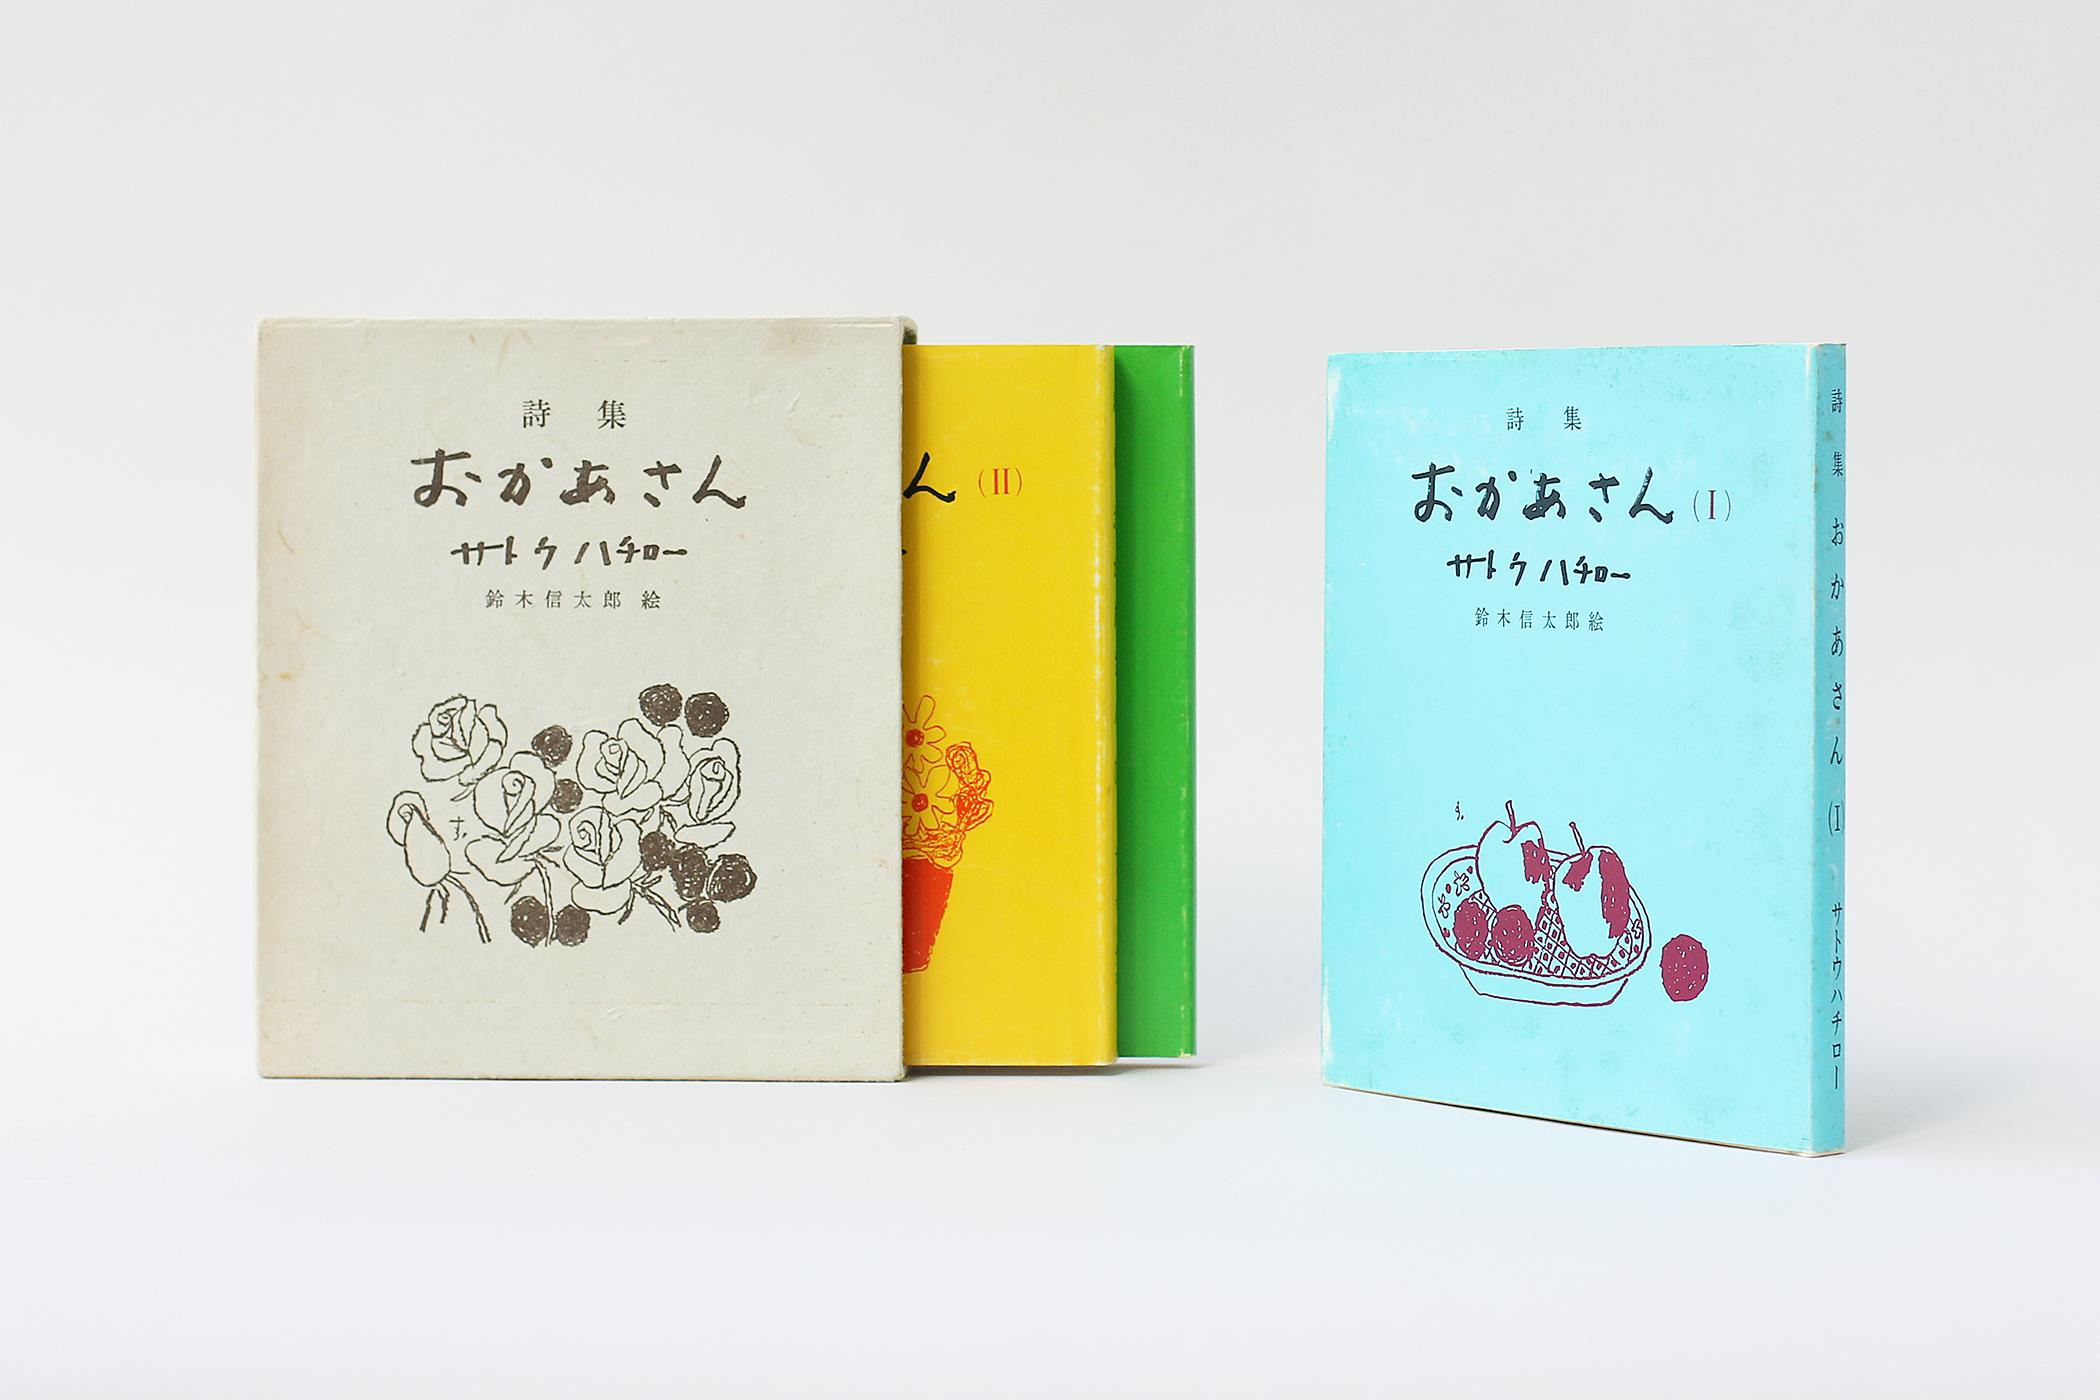 """サトウハチローの詩集""""おかあさん"""""""